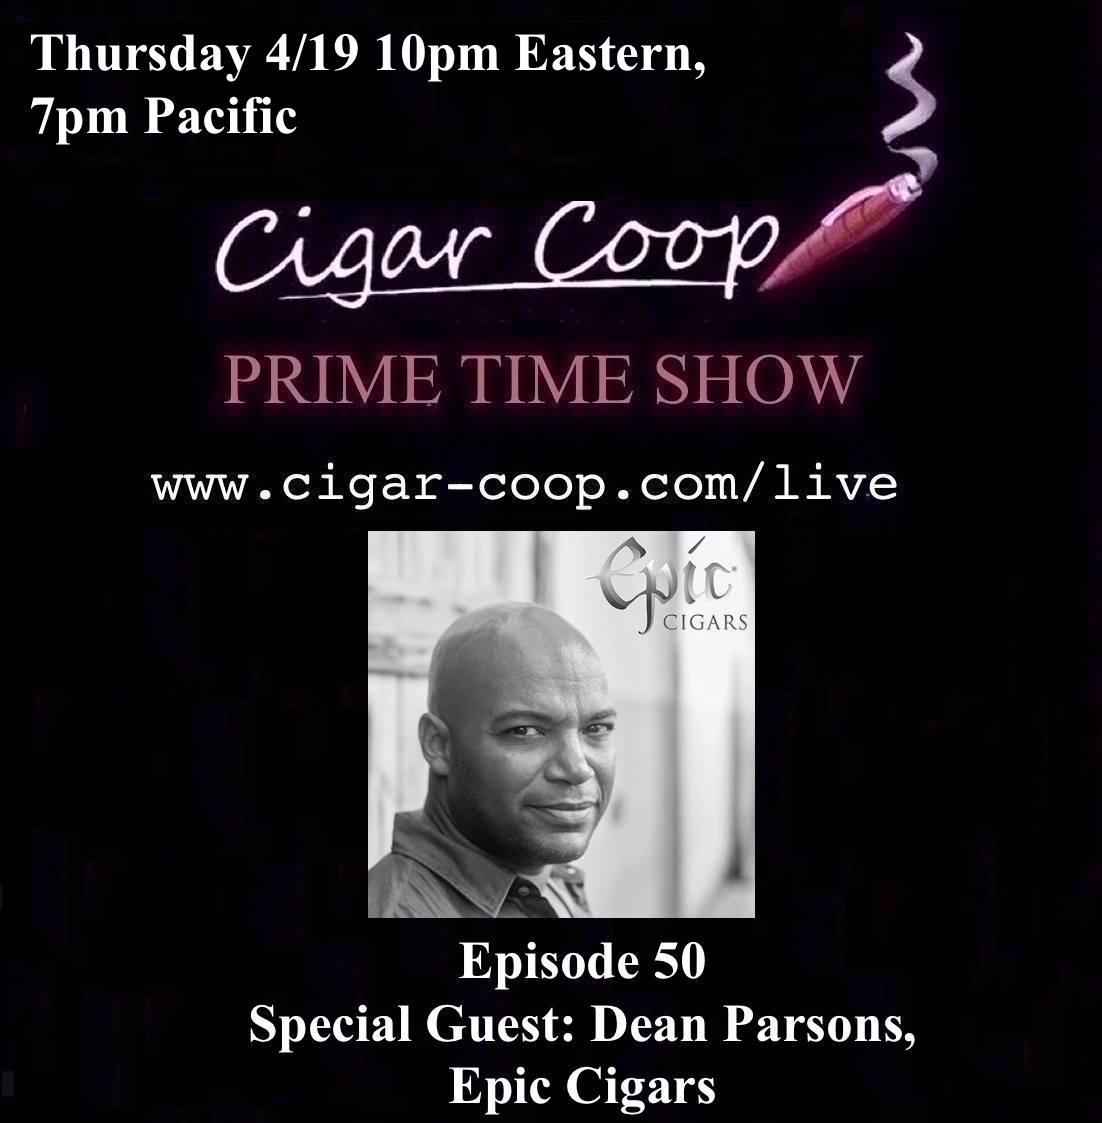 Announcement: Prime Time Show Episode 50 – Dean Parsons, Epic Cigars 4/19 10pm EST, 7pm PST